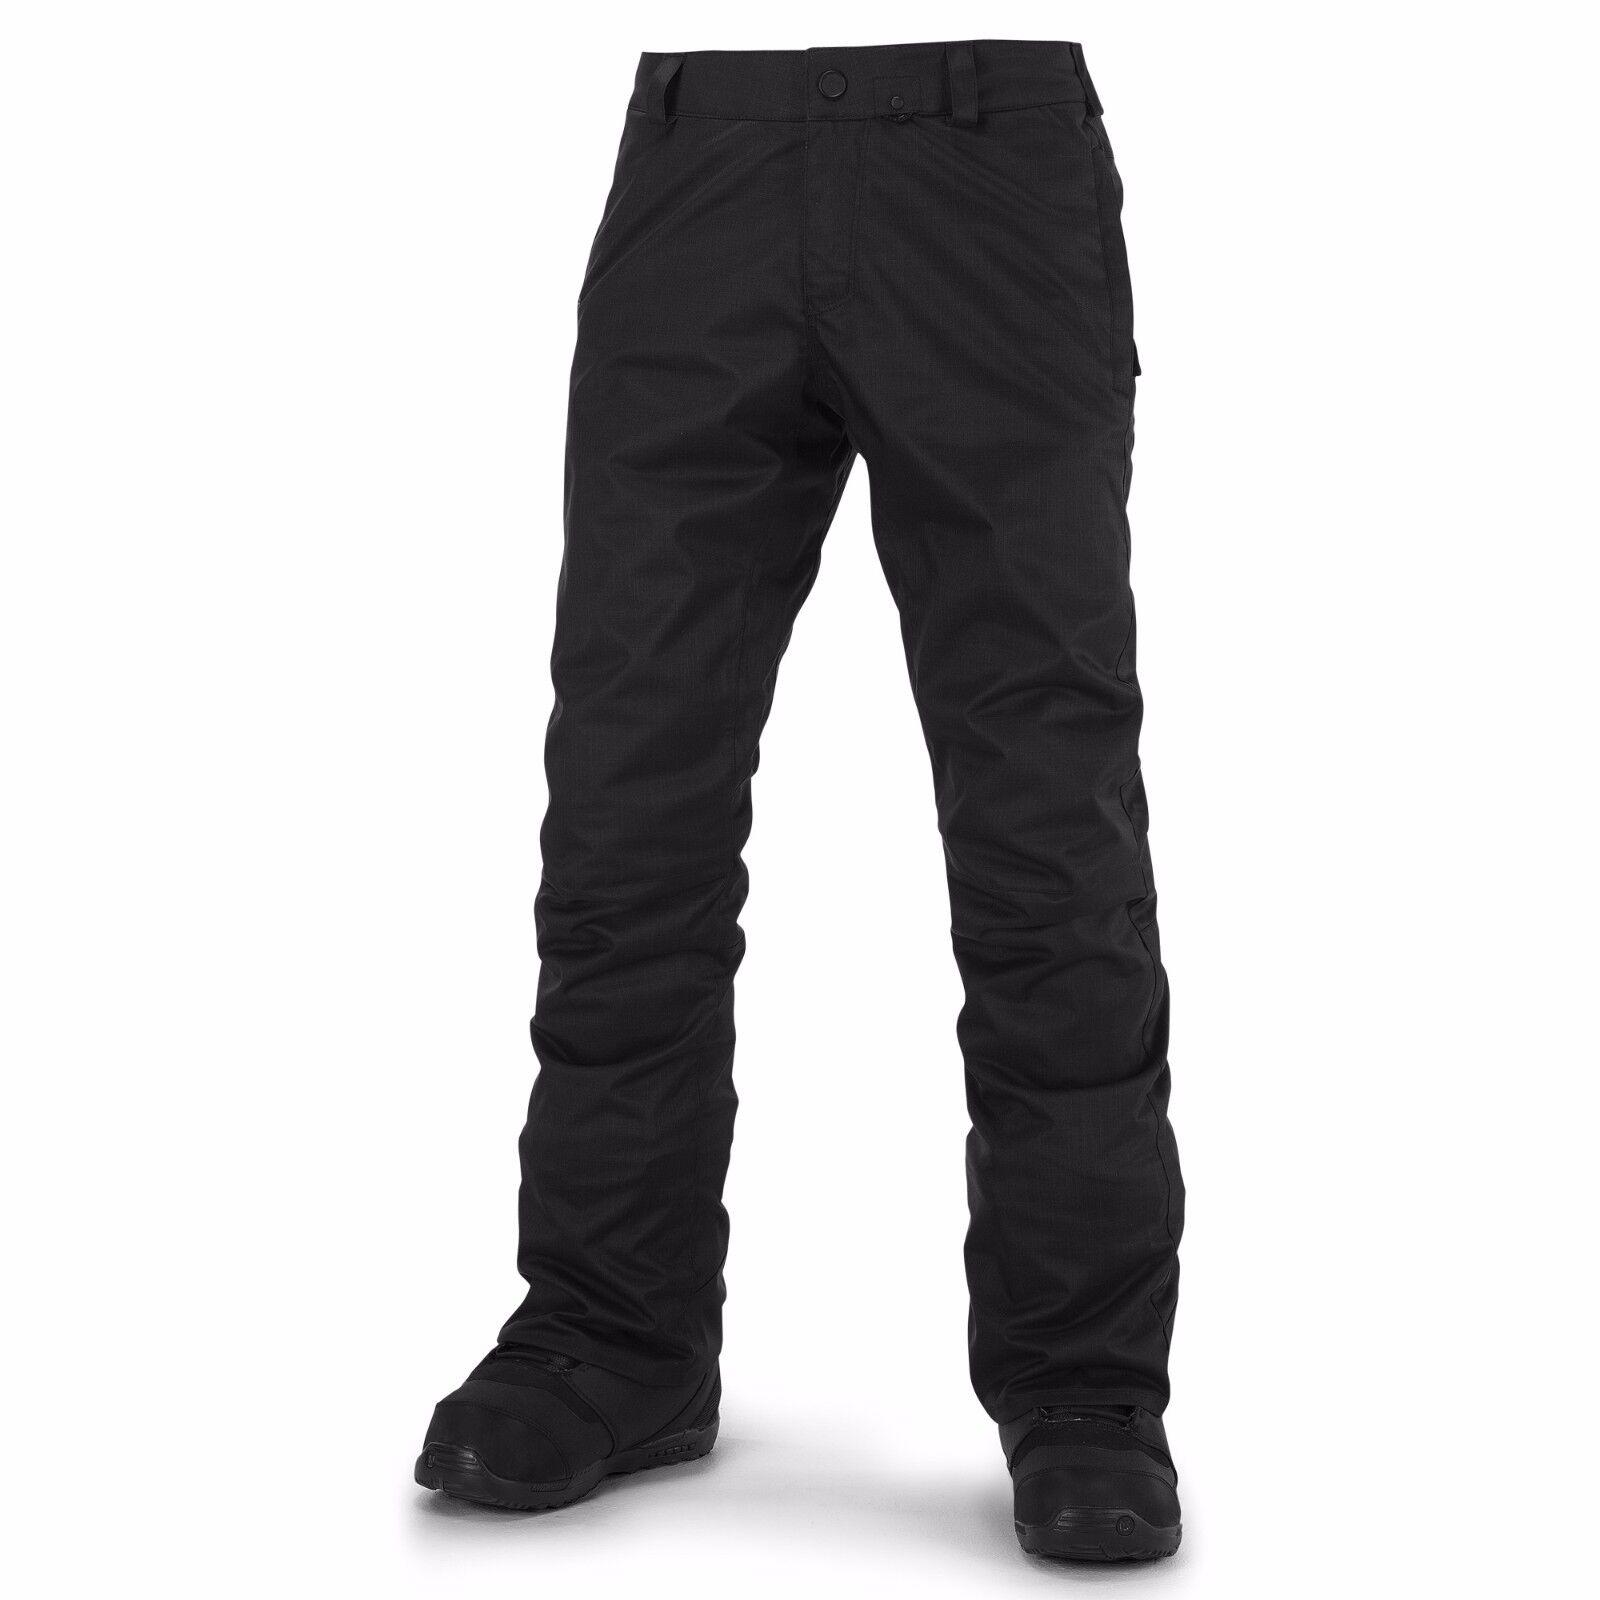 2016 NWT MENS VOLCOM KLOCKER TIGHT SNOWBOARD PANTS $115 XL